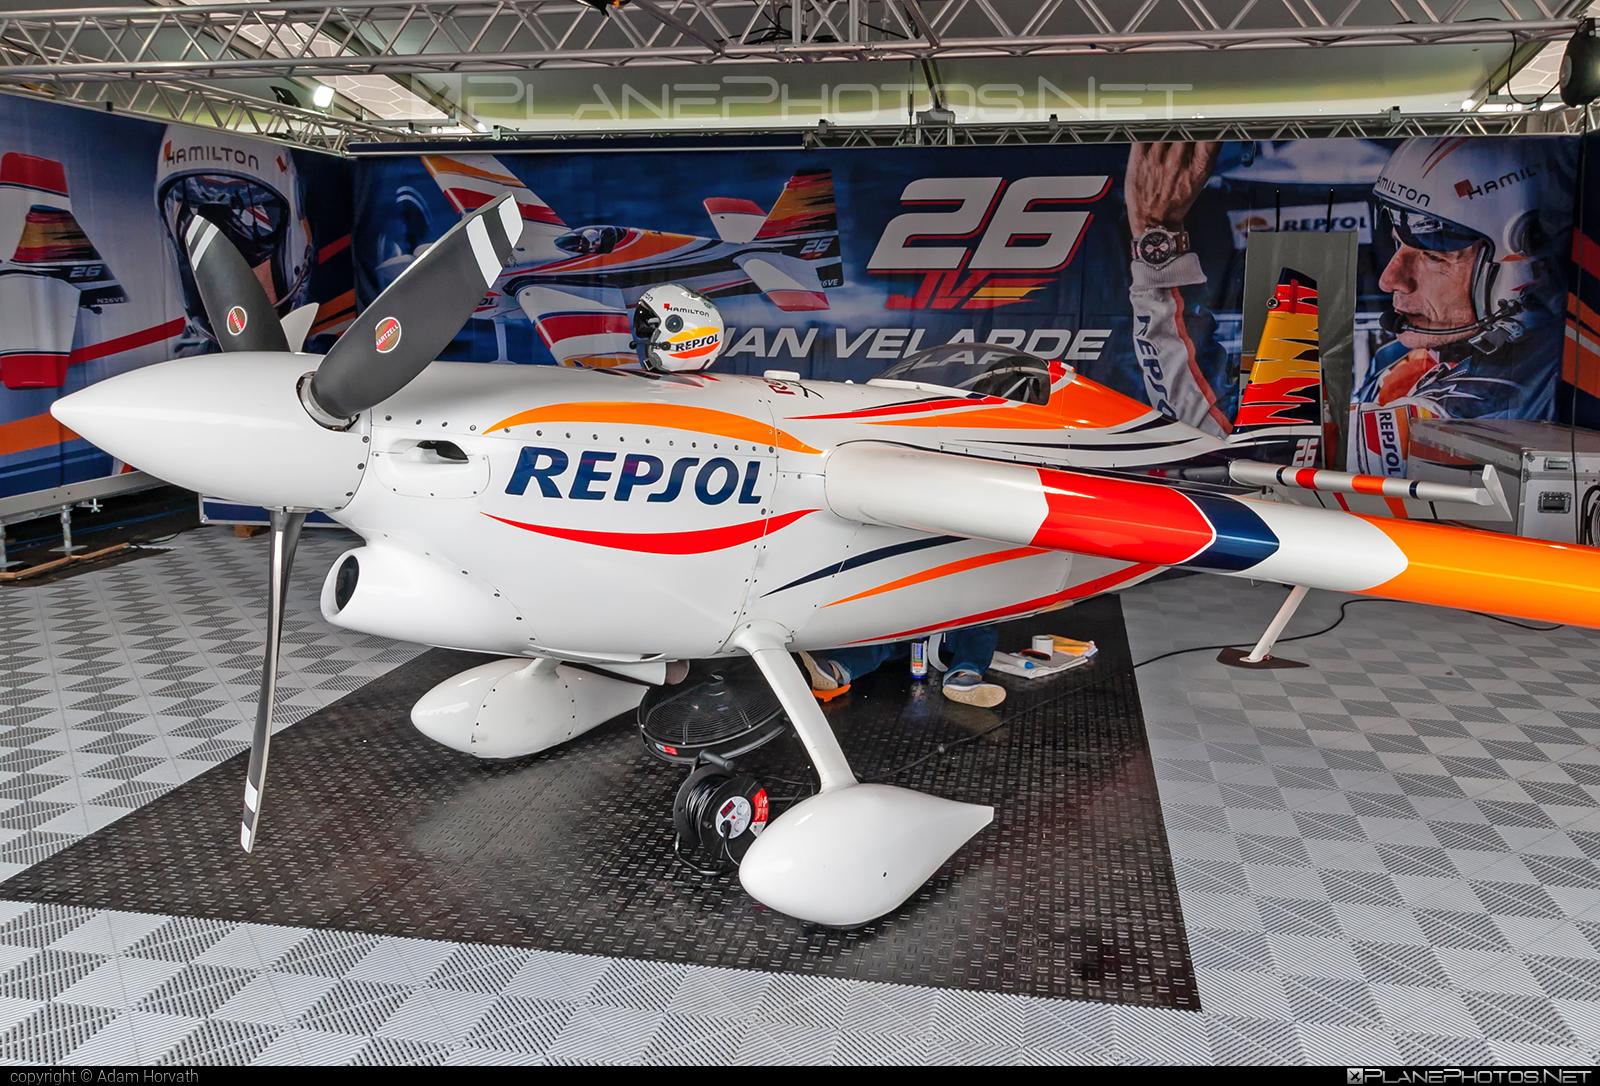 Zivko Edge 540V2 - N26VE operated by Private operator #edge540 #edge540v2 #juanvelarde #redbullairrace #redbullairracebalaton #zivko #zivkoedge #zivkoedge540 #zivkoedge540v2